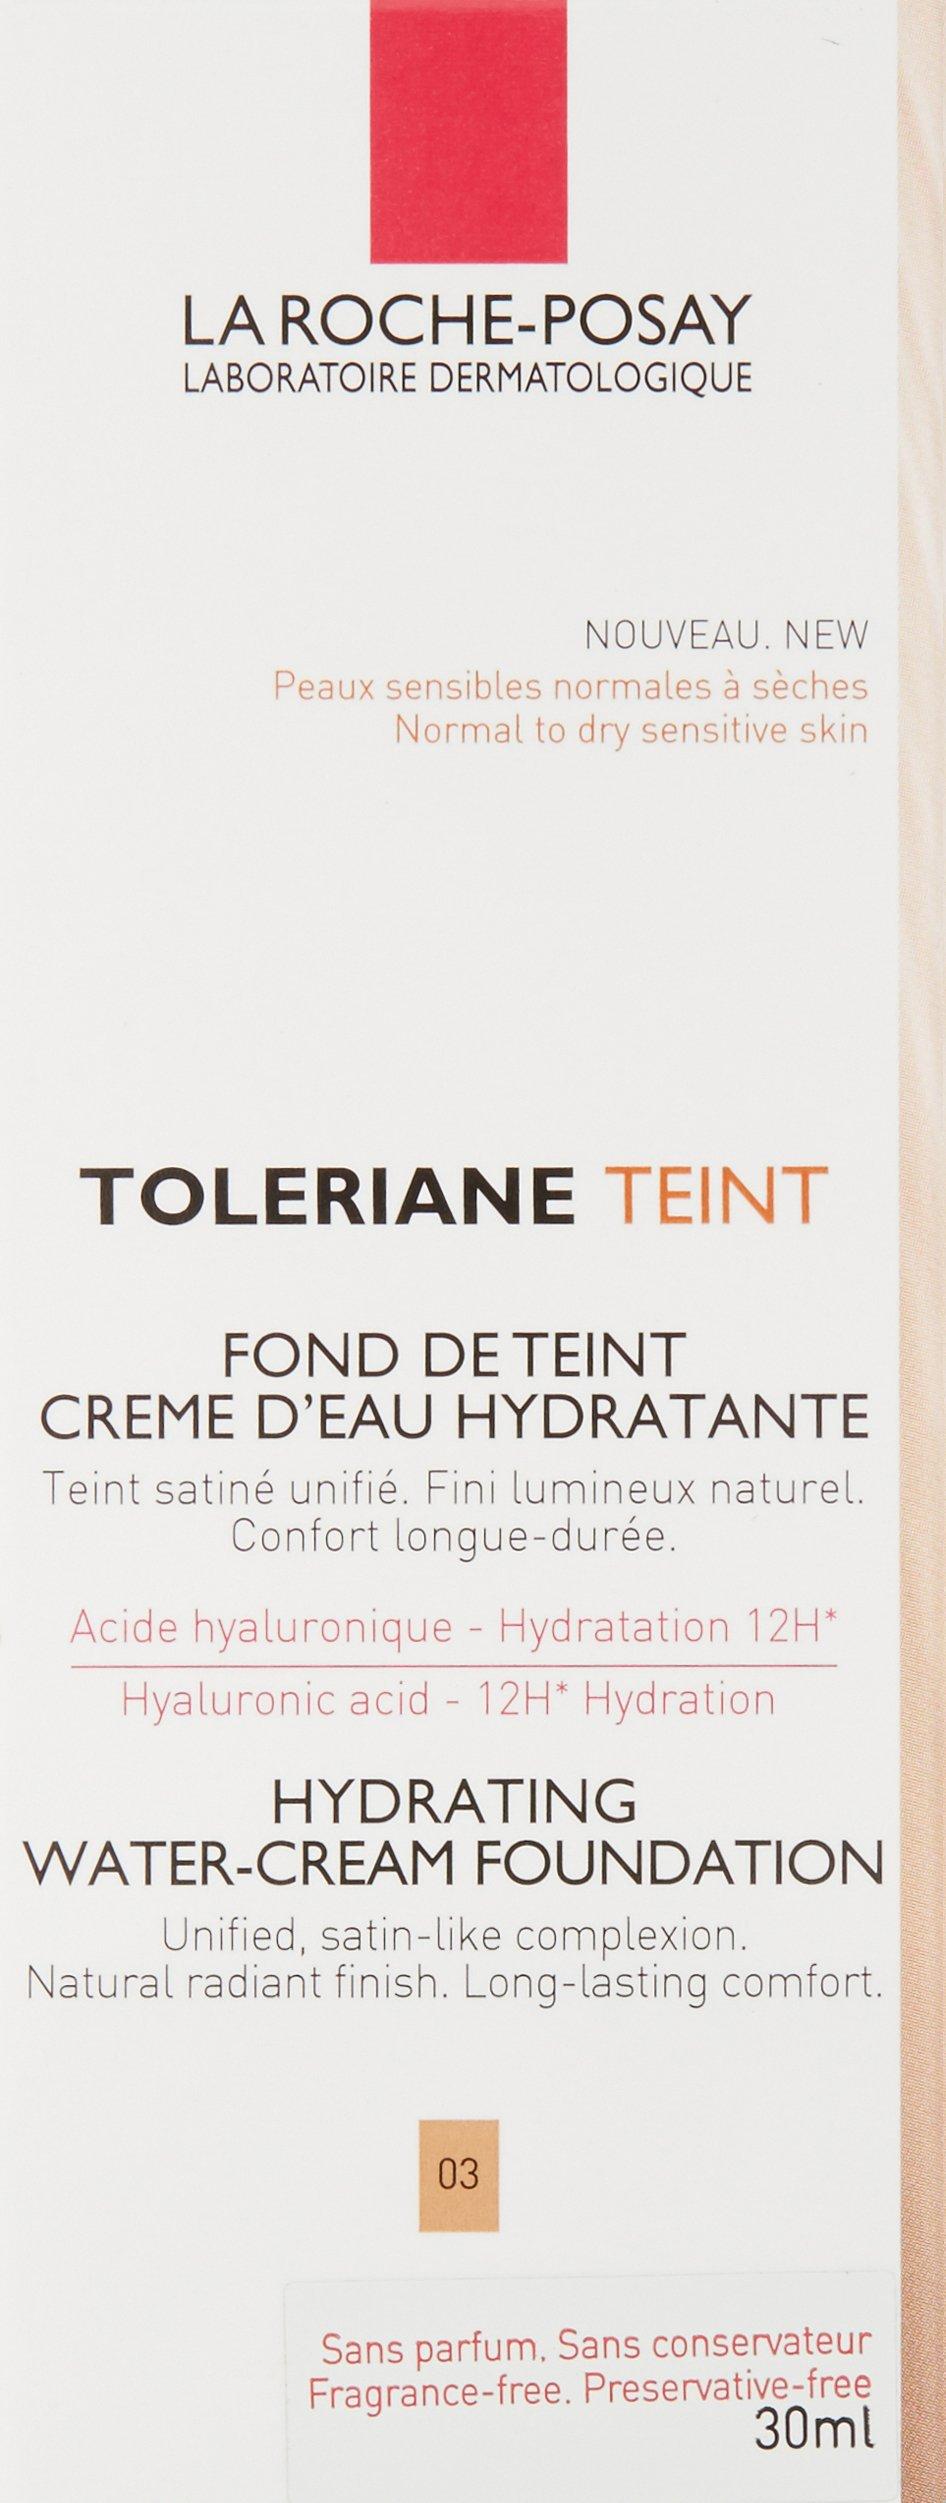 La Roche Posay Toleriane Fond De Teint Creme D'Eau Hydratante 03 30-1 Unidad